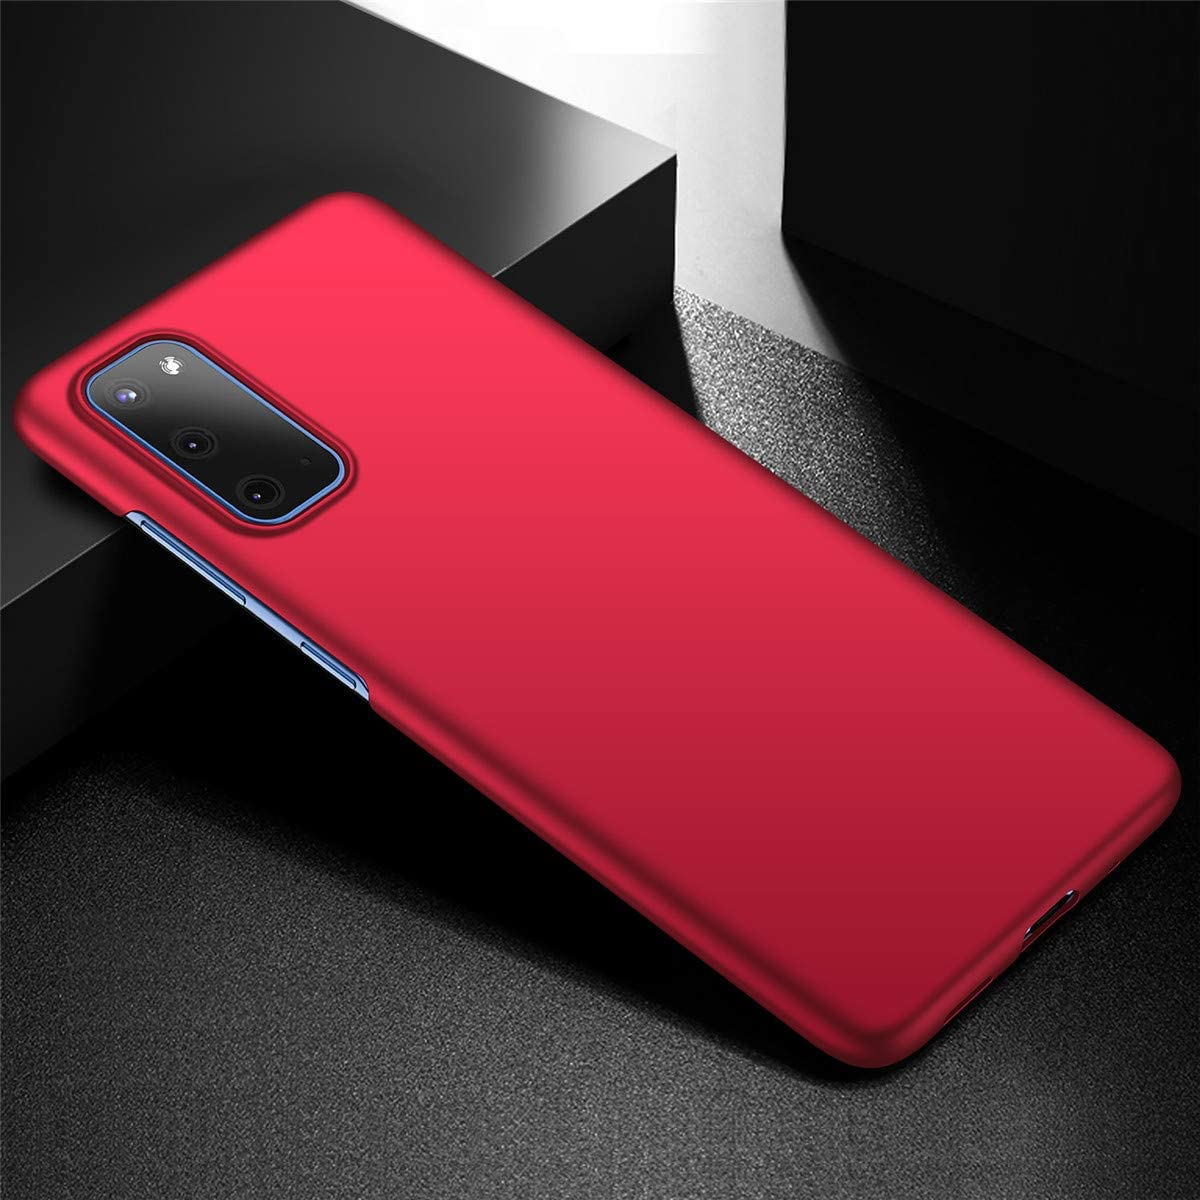 Dqtaoply Funda para Galaxy S20 Galaxy S20, Azul Ultra Delgado PC Dura Carcasa Mate Plastico Fina y Ligera Bumper Protectora Caso para Galaxy S20